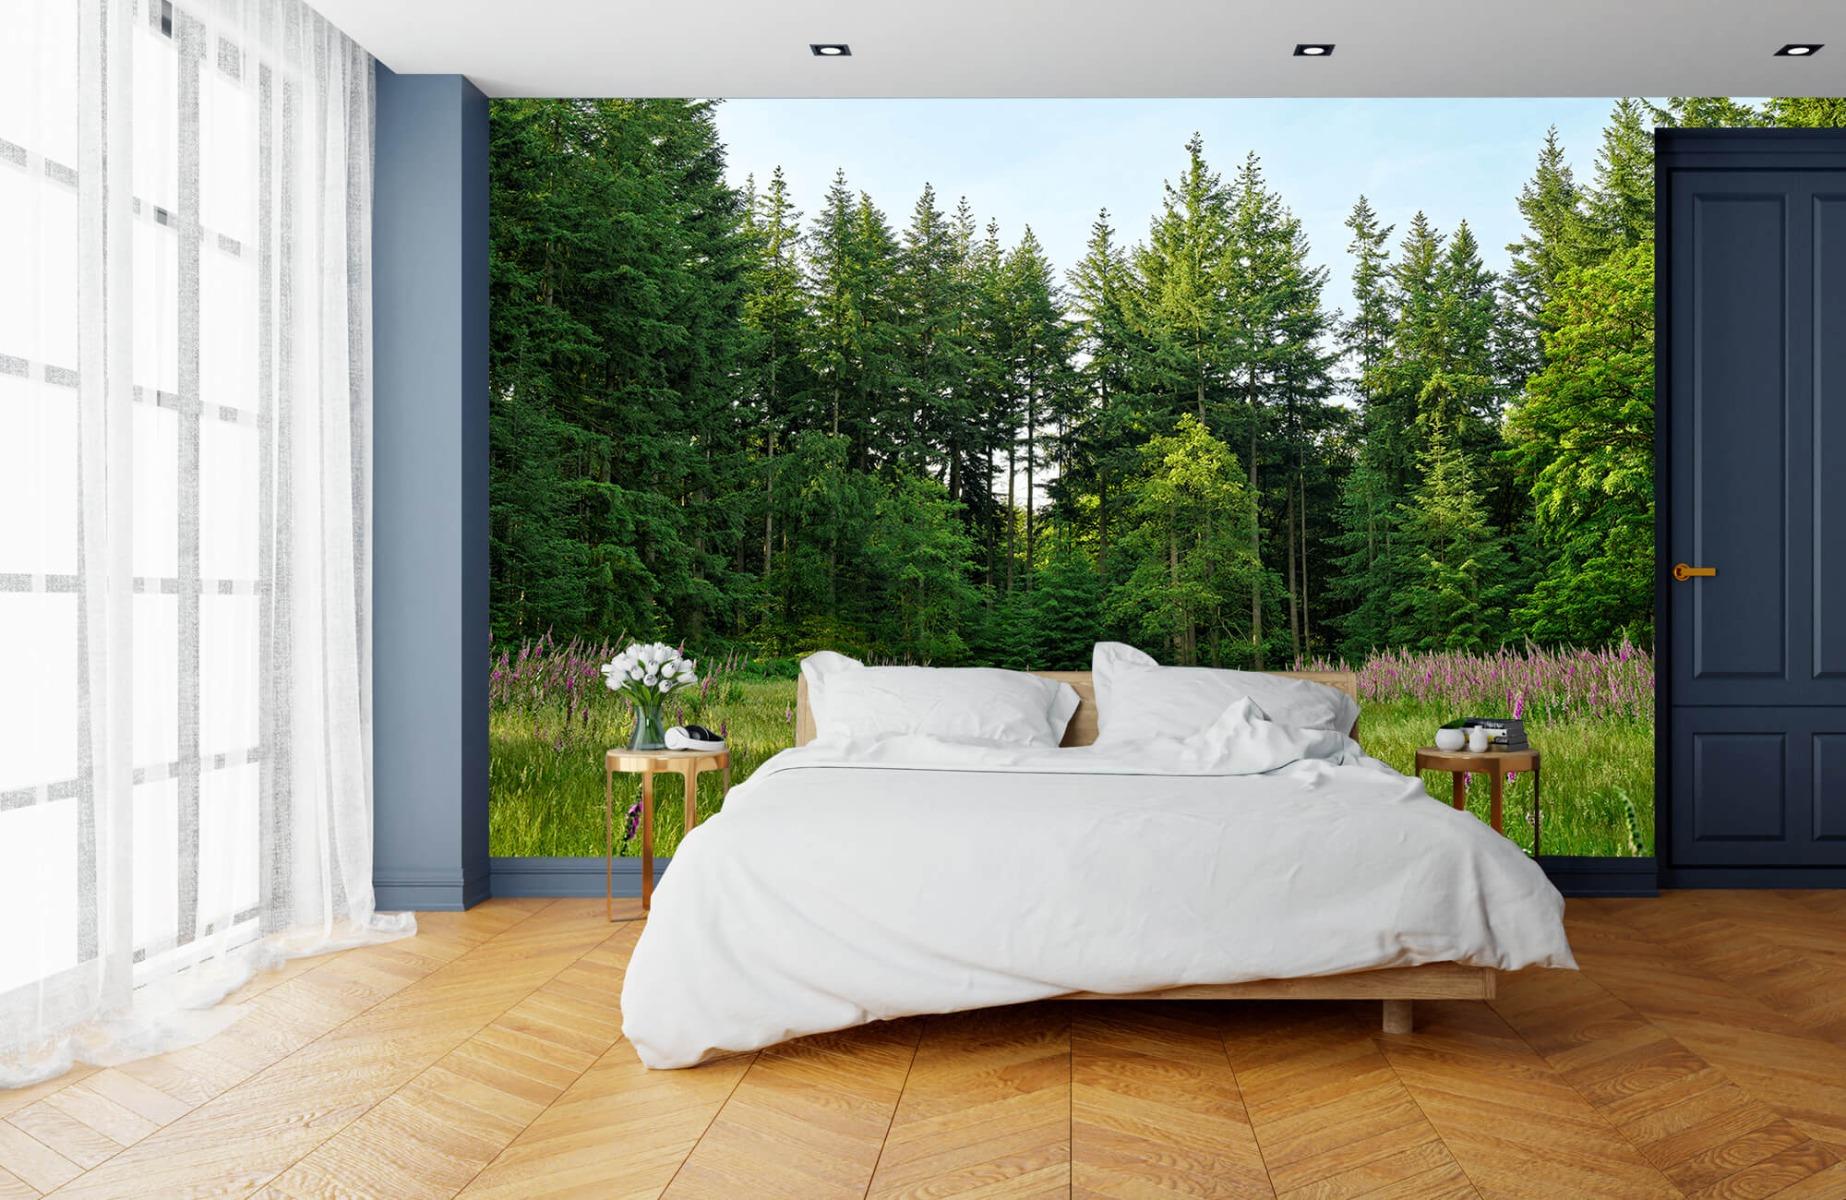 Bos behang - Open plek in het bos - Wallexclusive - Slaapkamer 2